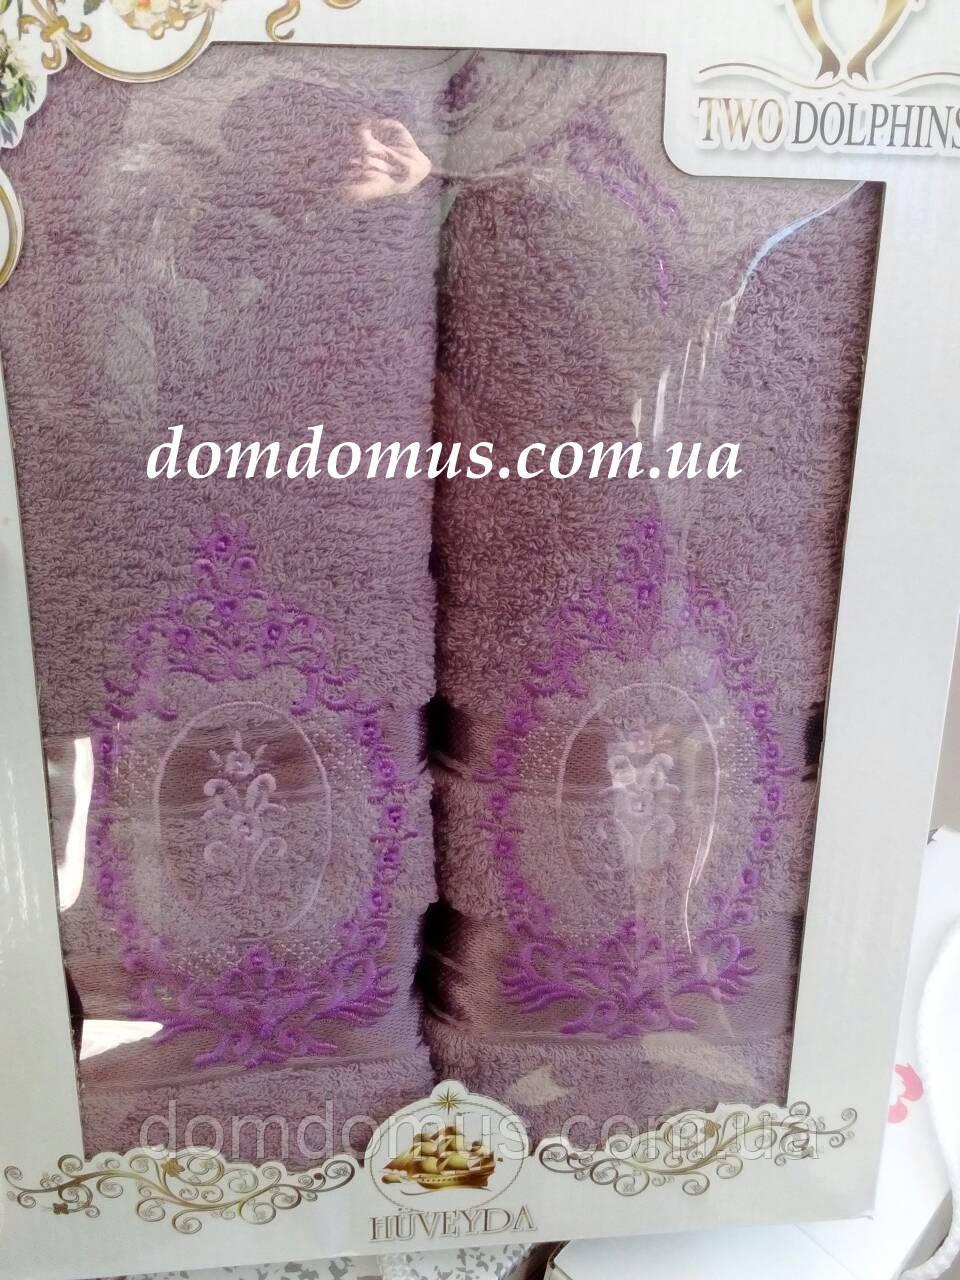 Подарочный набор полотенец TWO DOLPHINS, Турция 0182